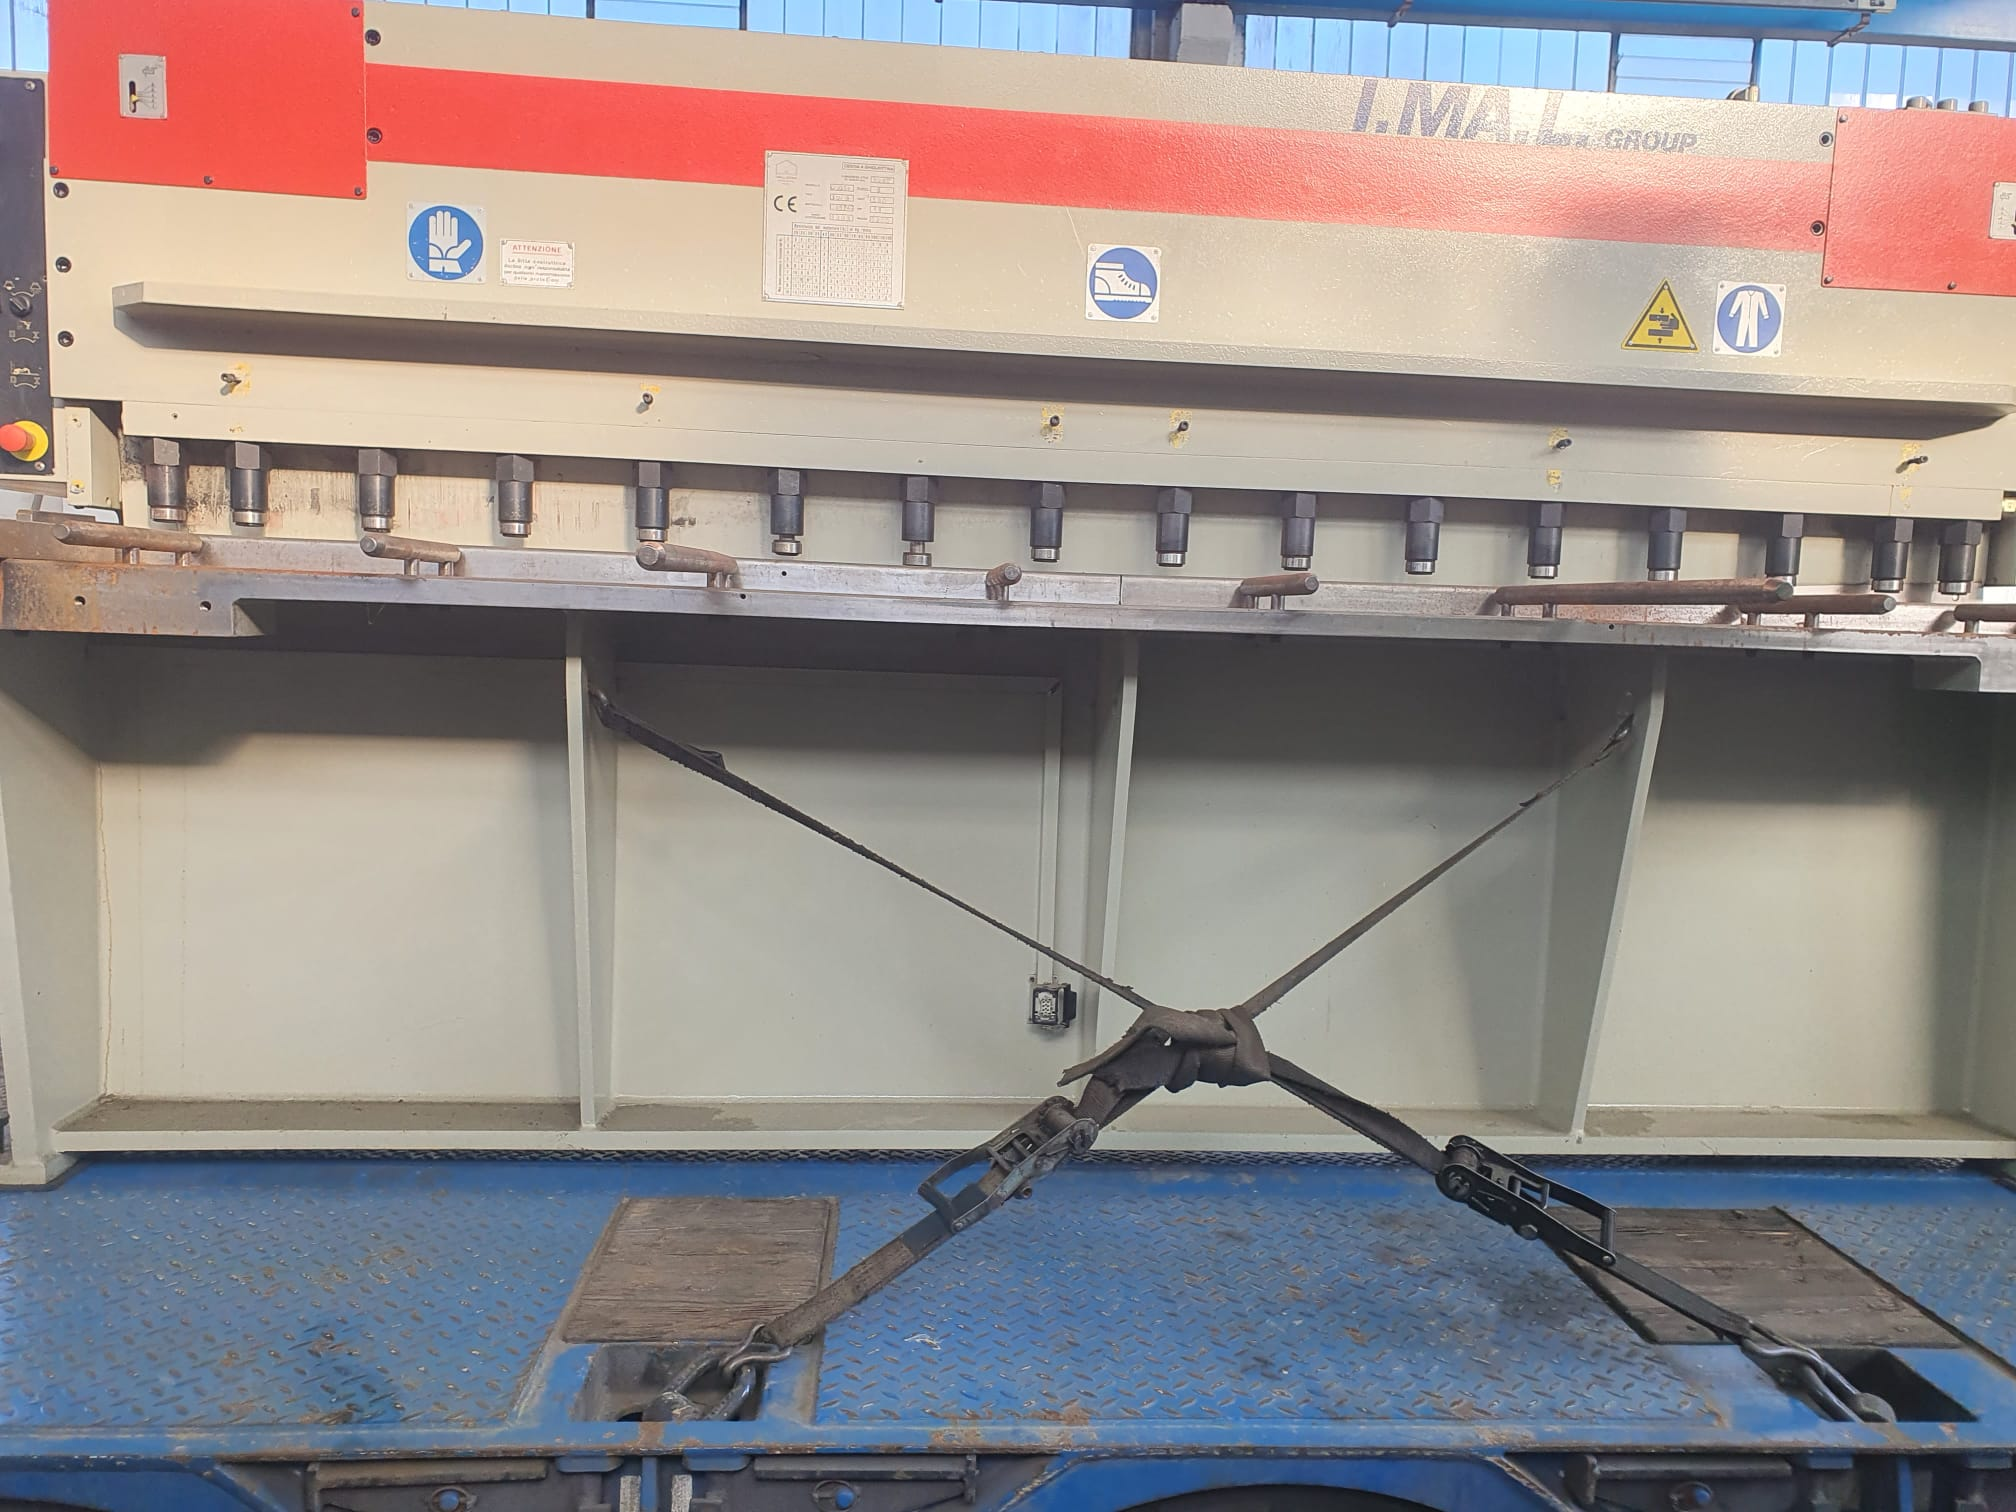 Cesoia idraulica IMAL mod. CCOSI 3000 mm x 6 mm in vendita - foto 2